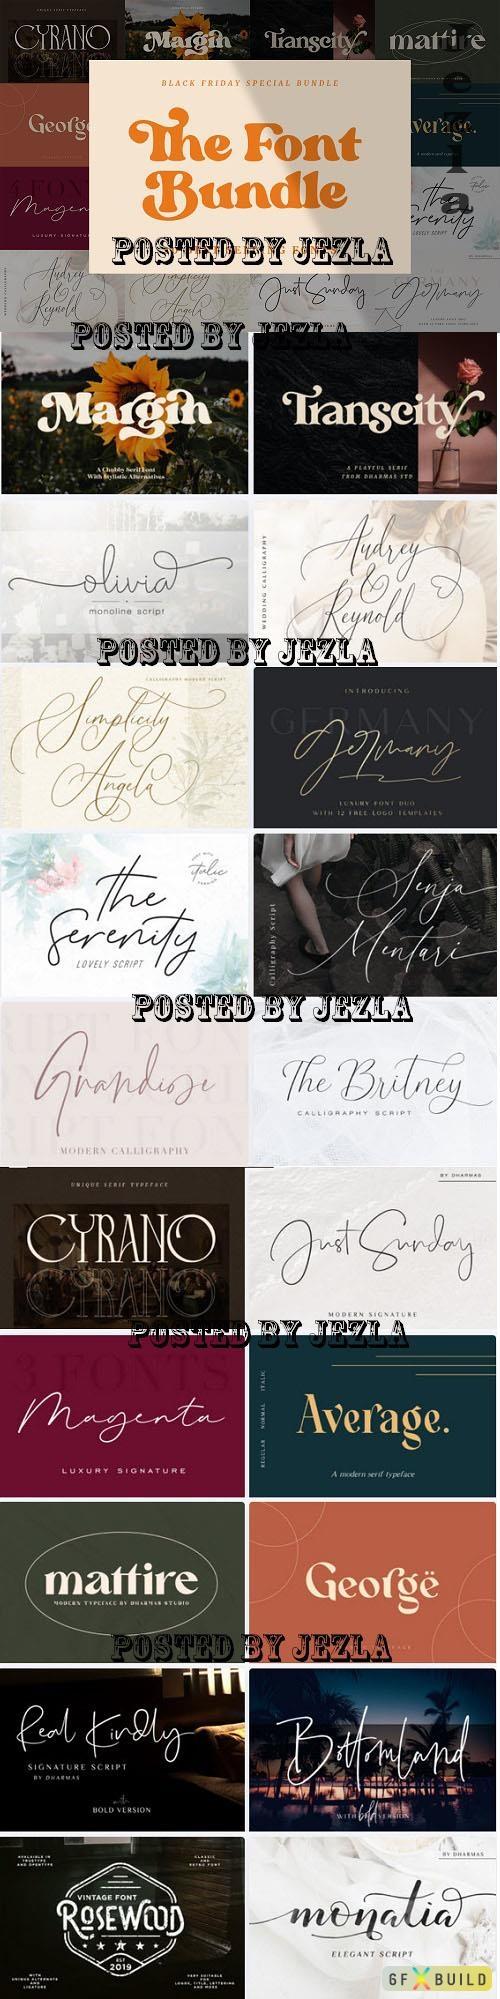 The Font Bundle - 20 Premium Fonts